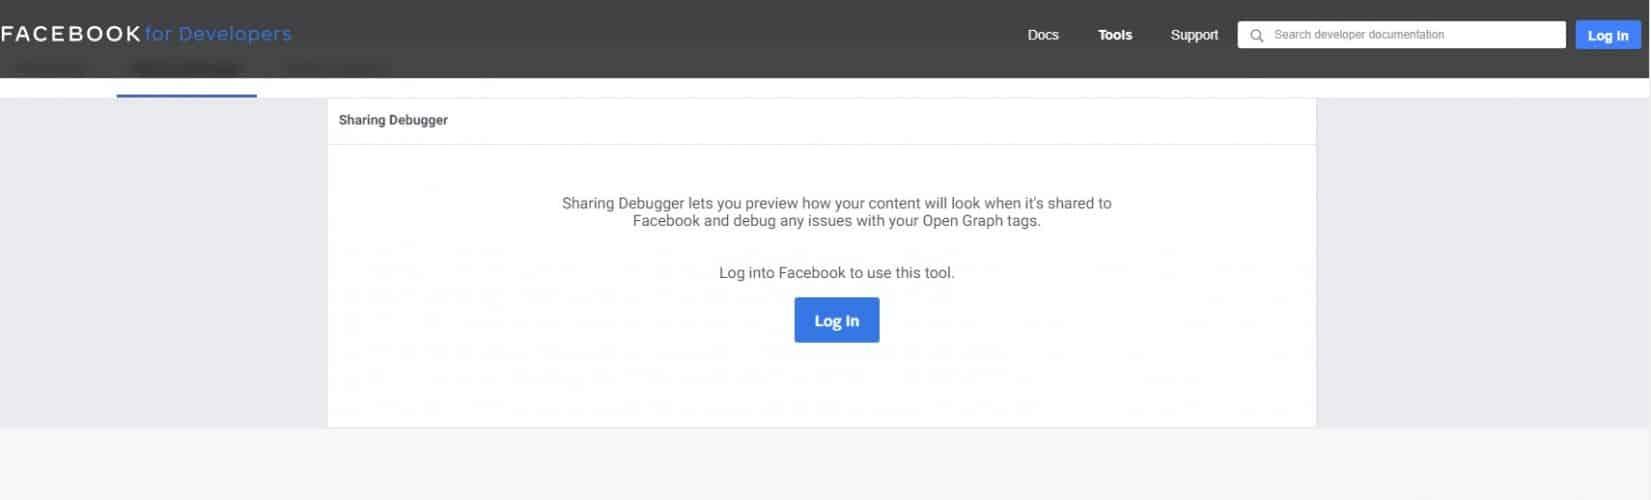 Facebook Opengraph Debugger